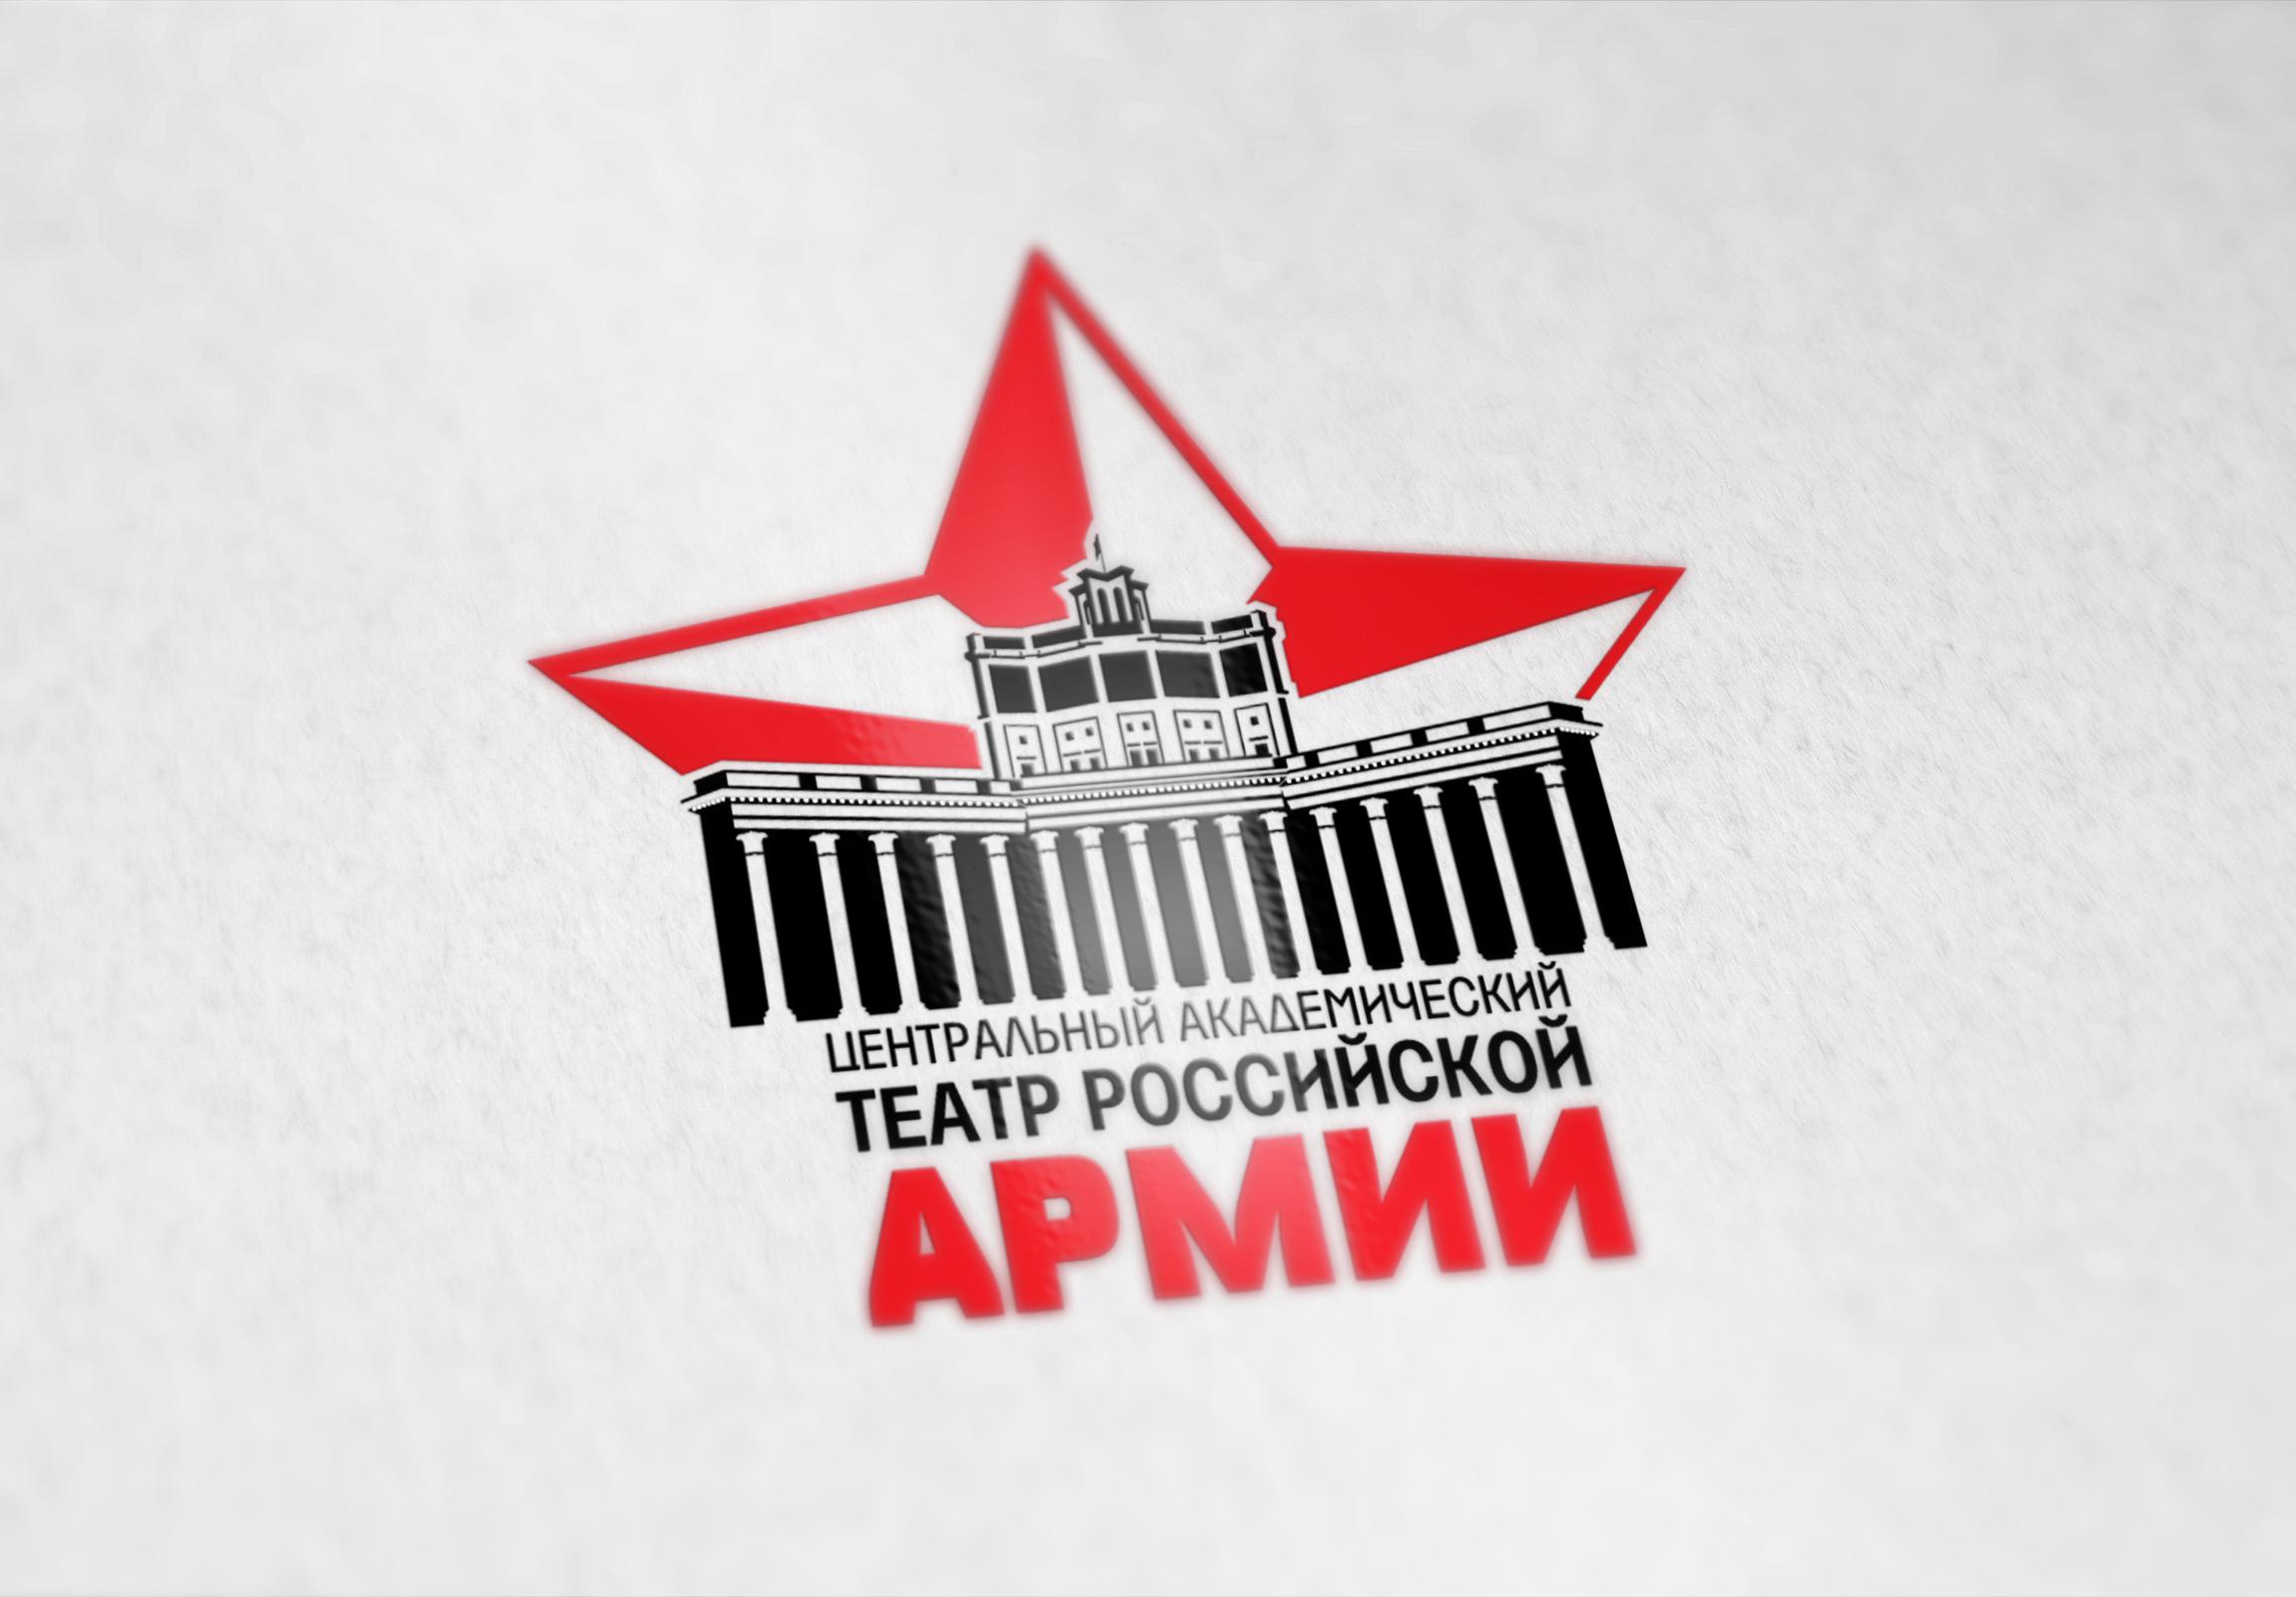 Разработка логотипа для Театра Российской Армии фото f_443588868fab90b5.jpg